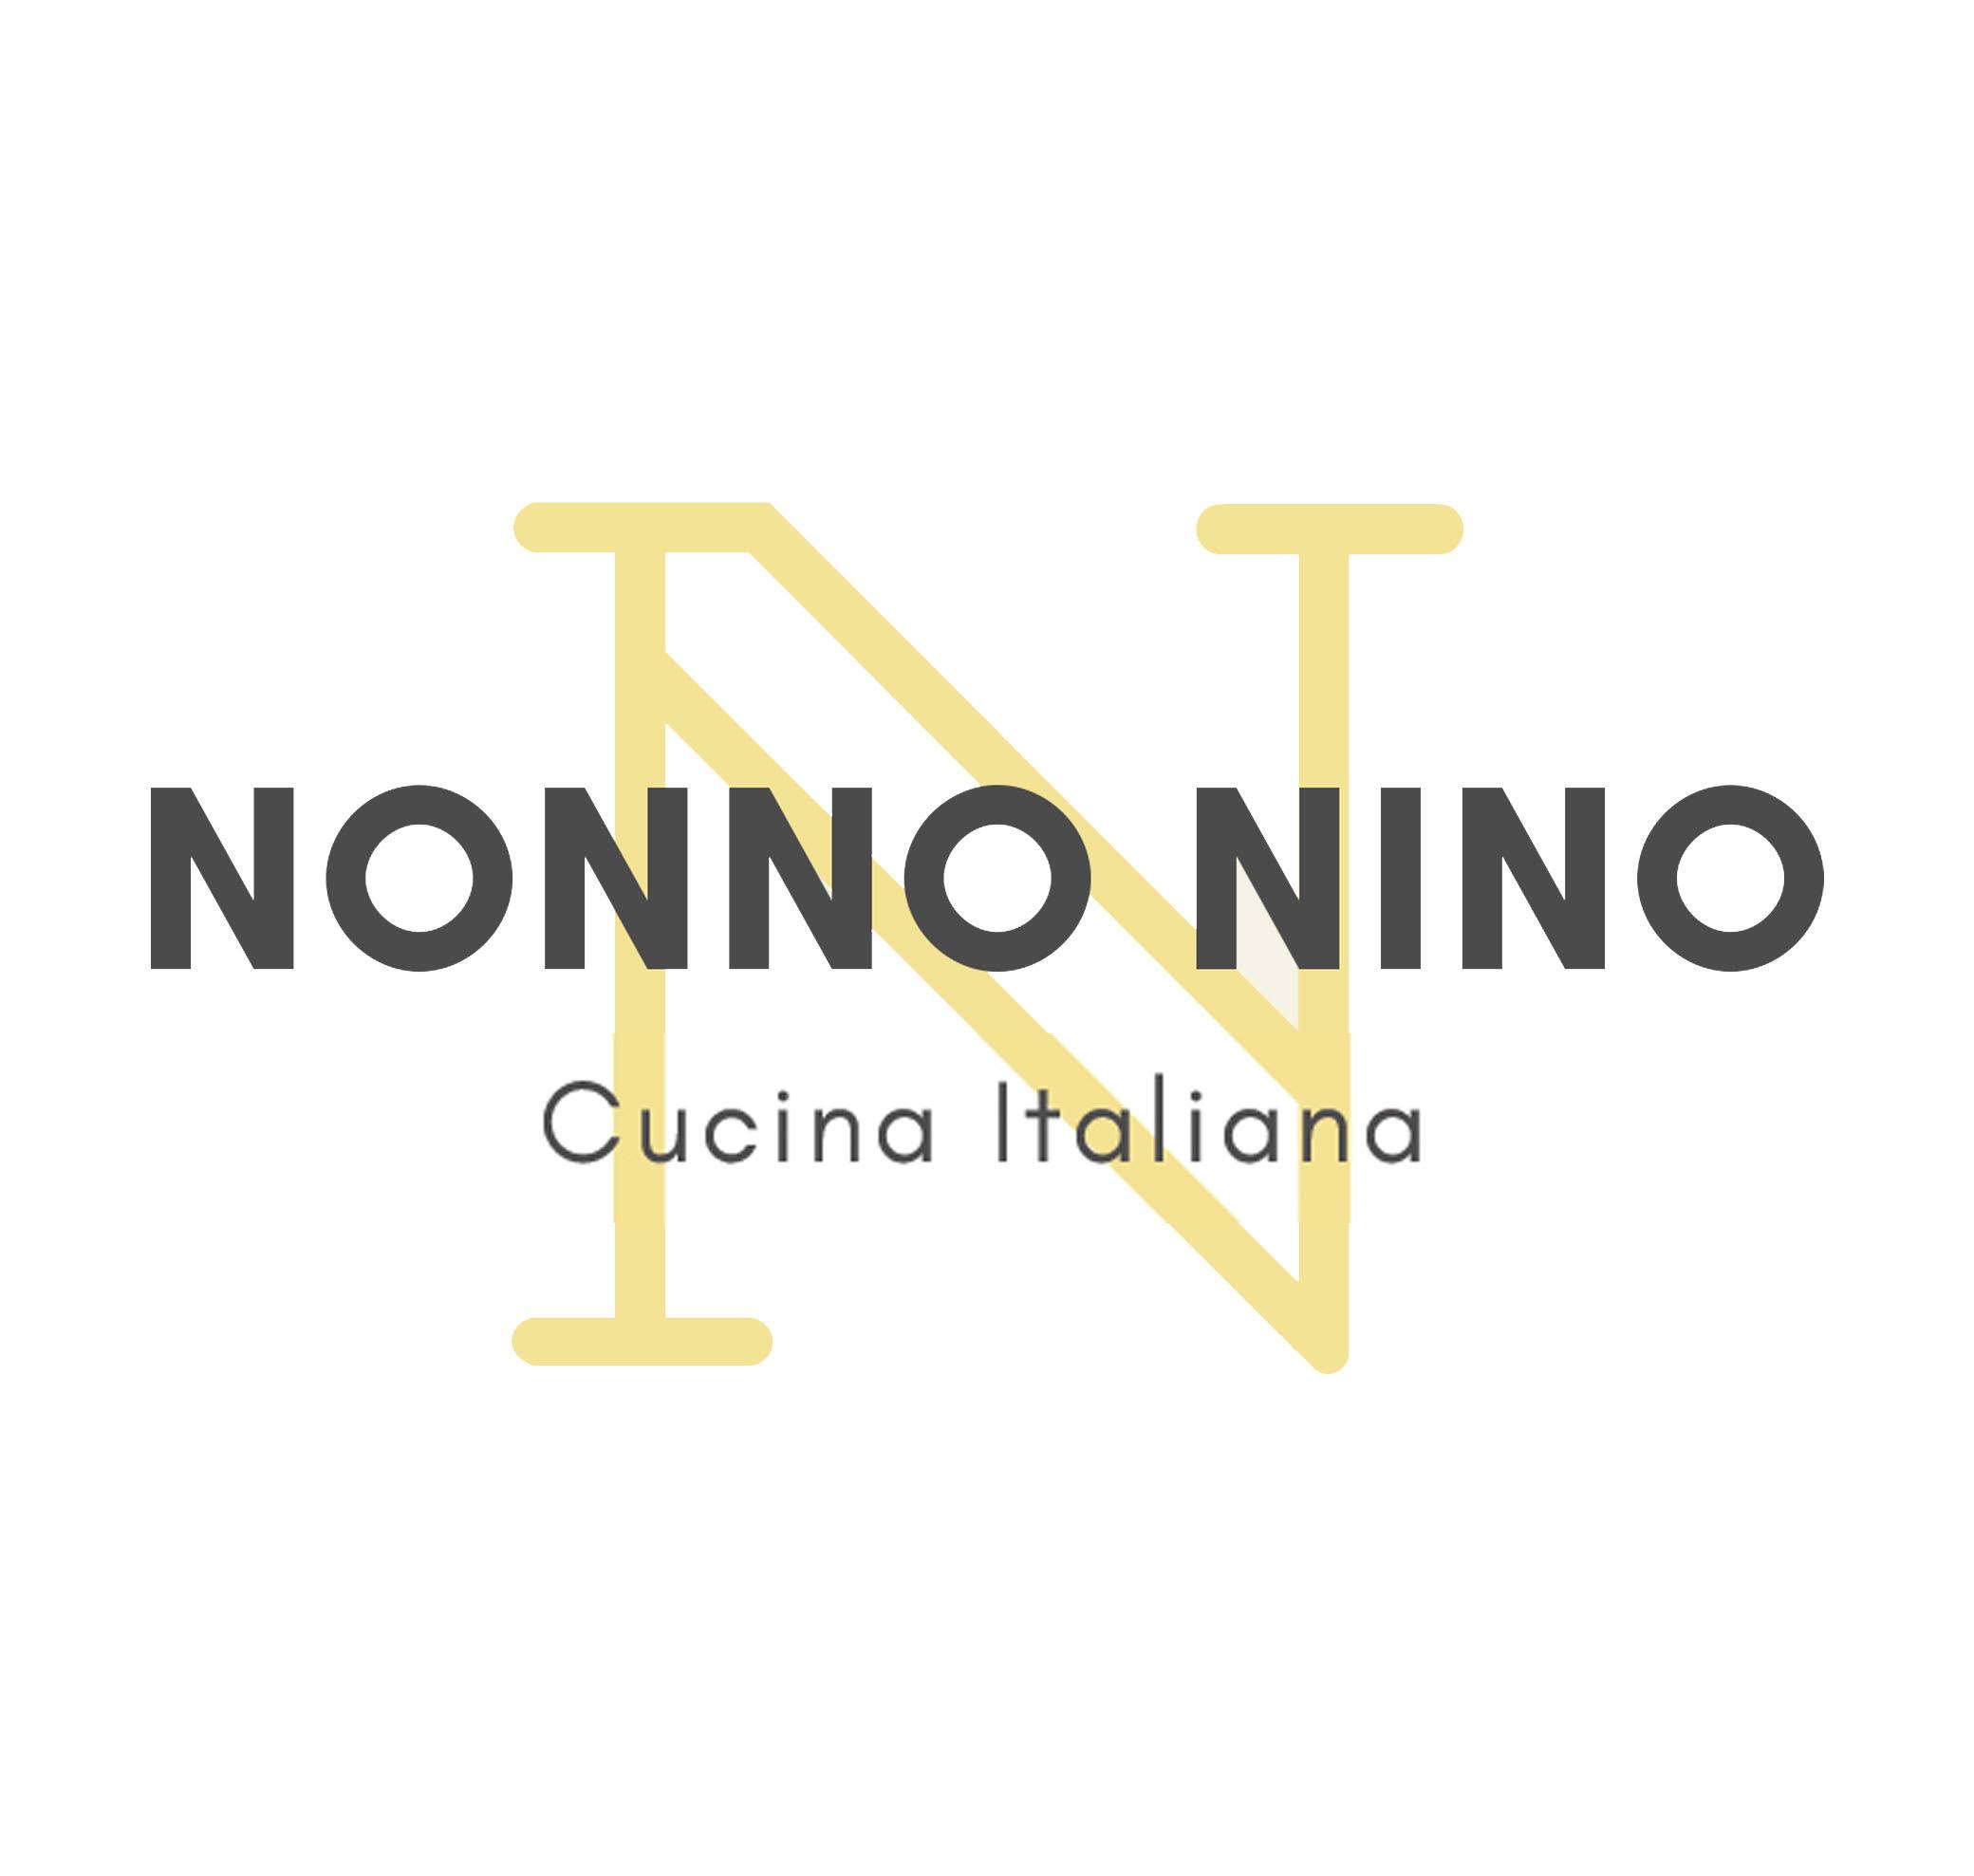 Nonno Nino Restaurant